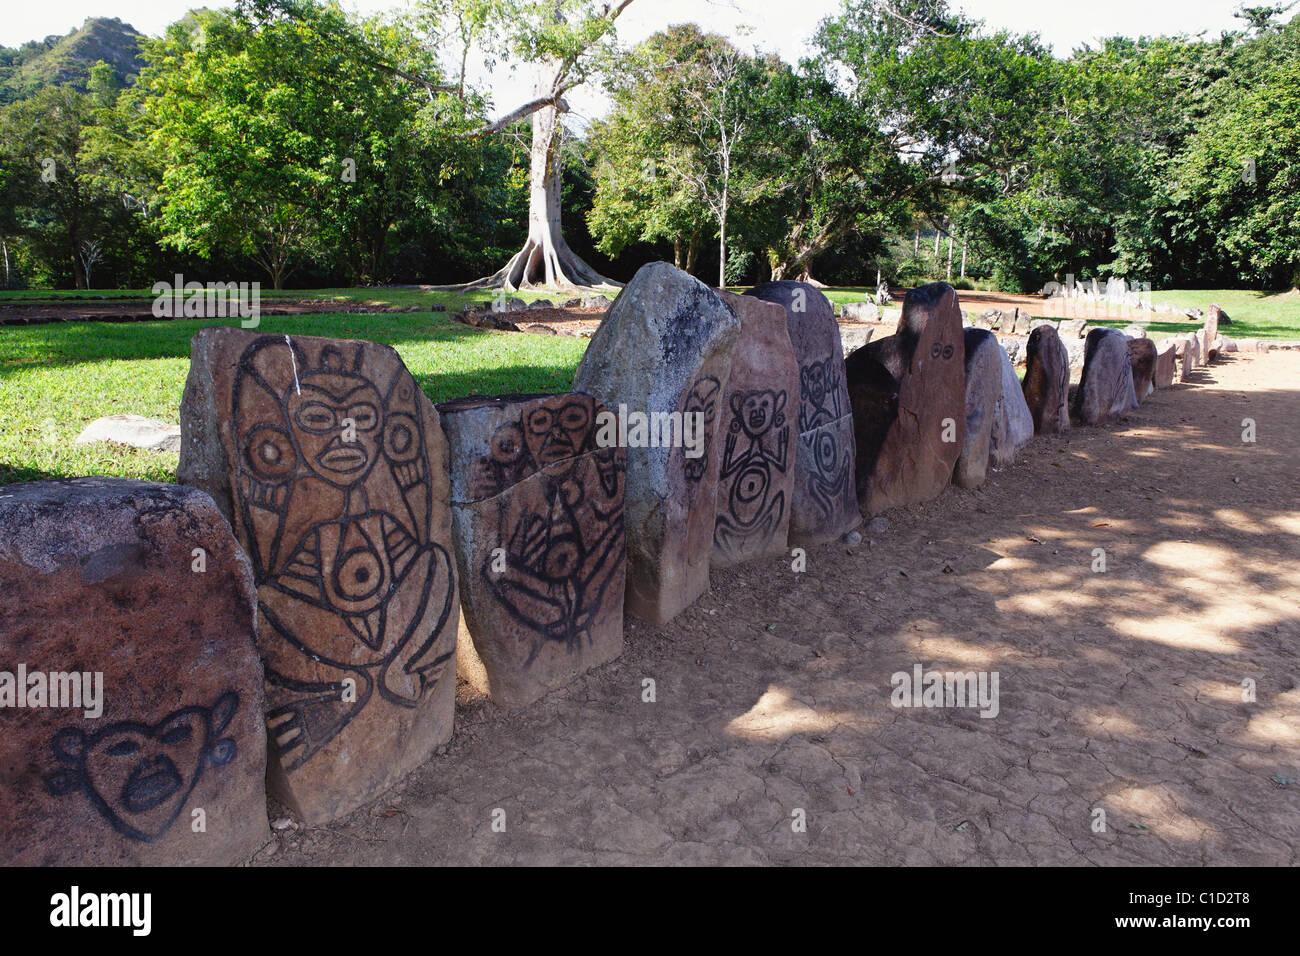 Los petroglifos en el Parque Ceremonial Caguana, Utuado, Puerto Rico Imagen De Stock